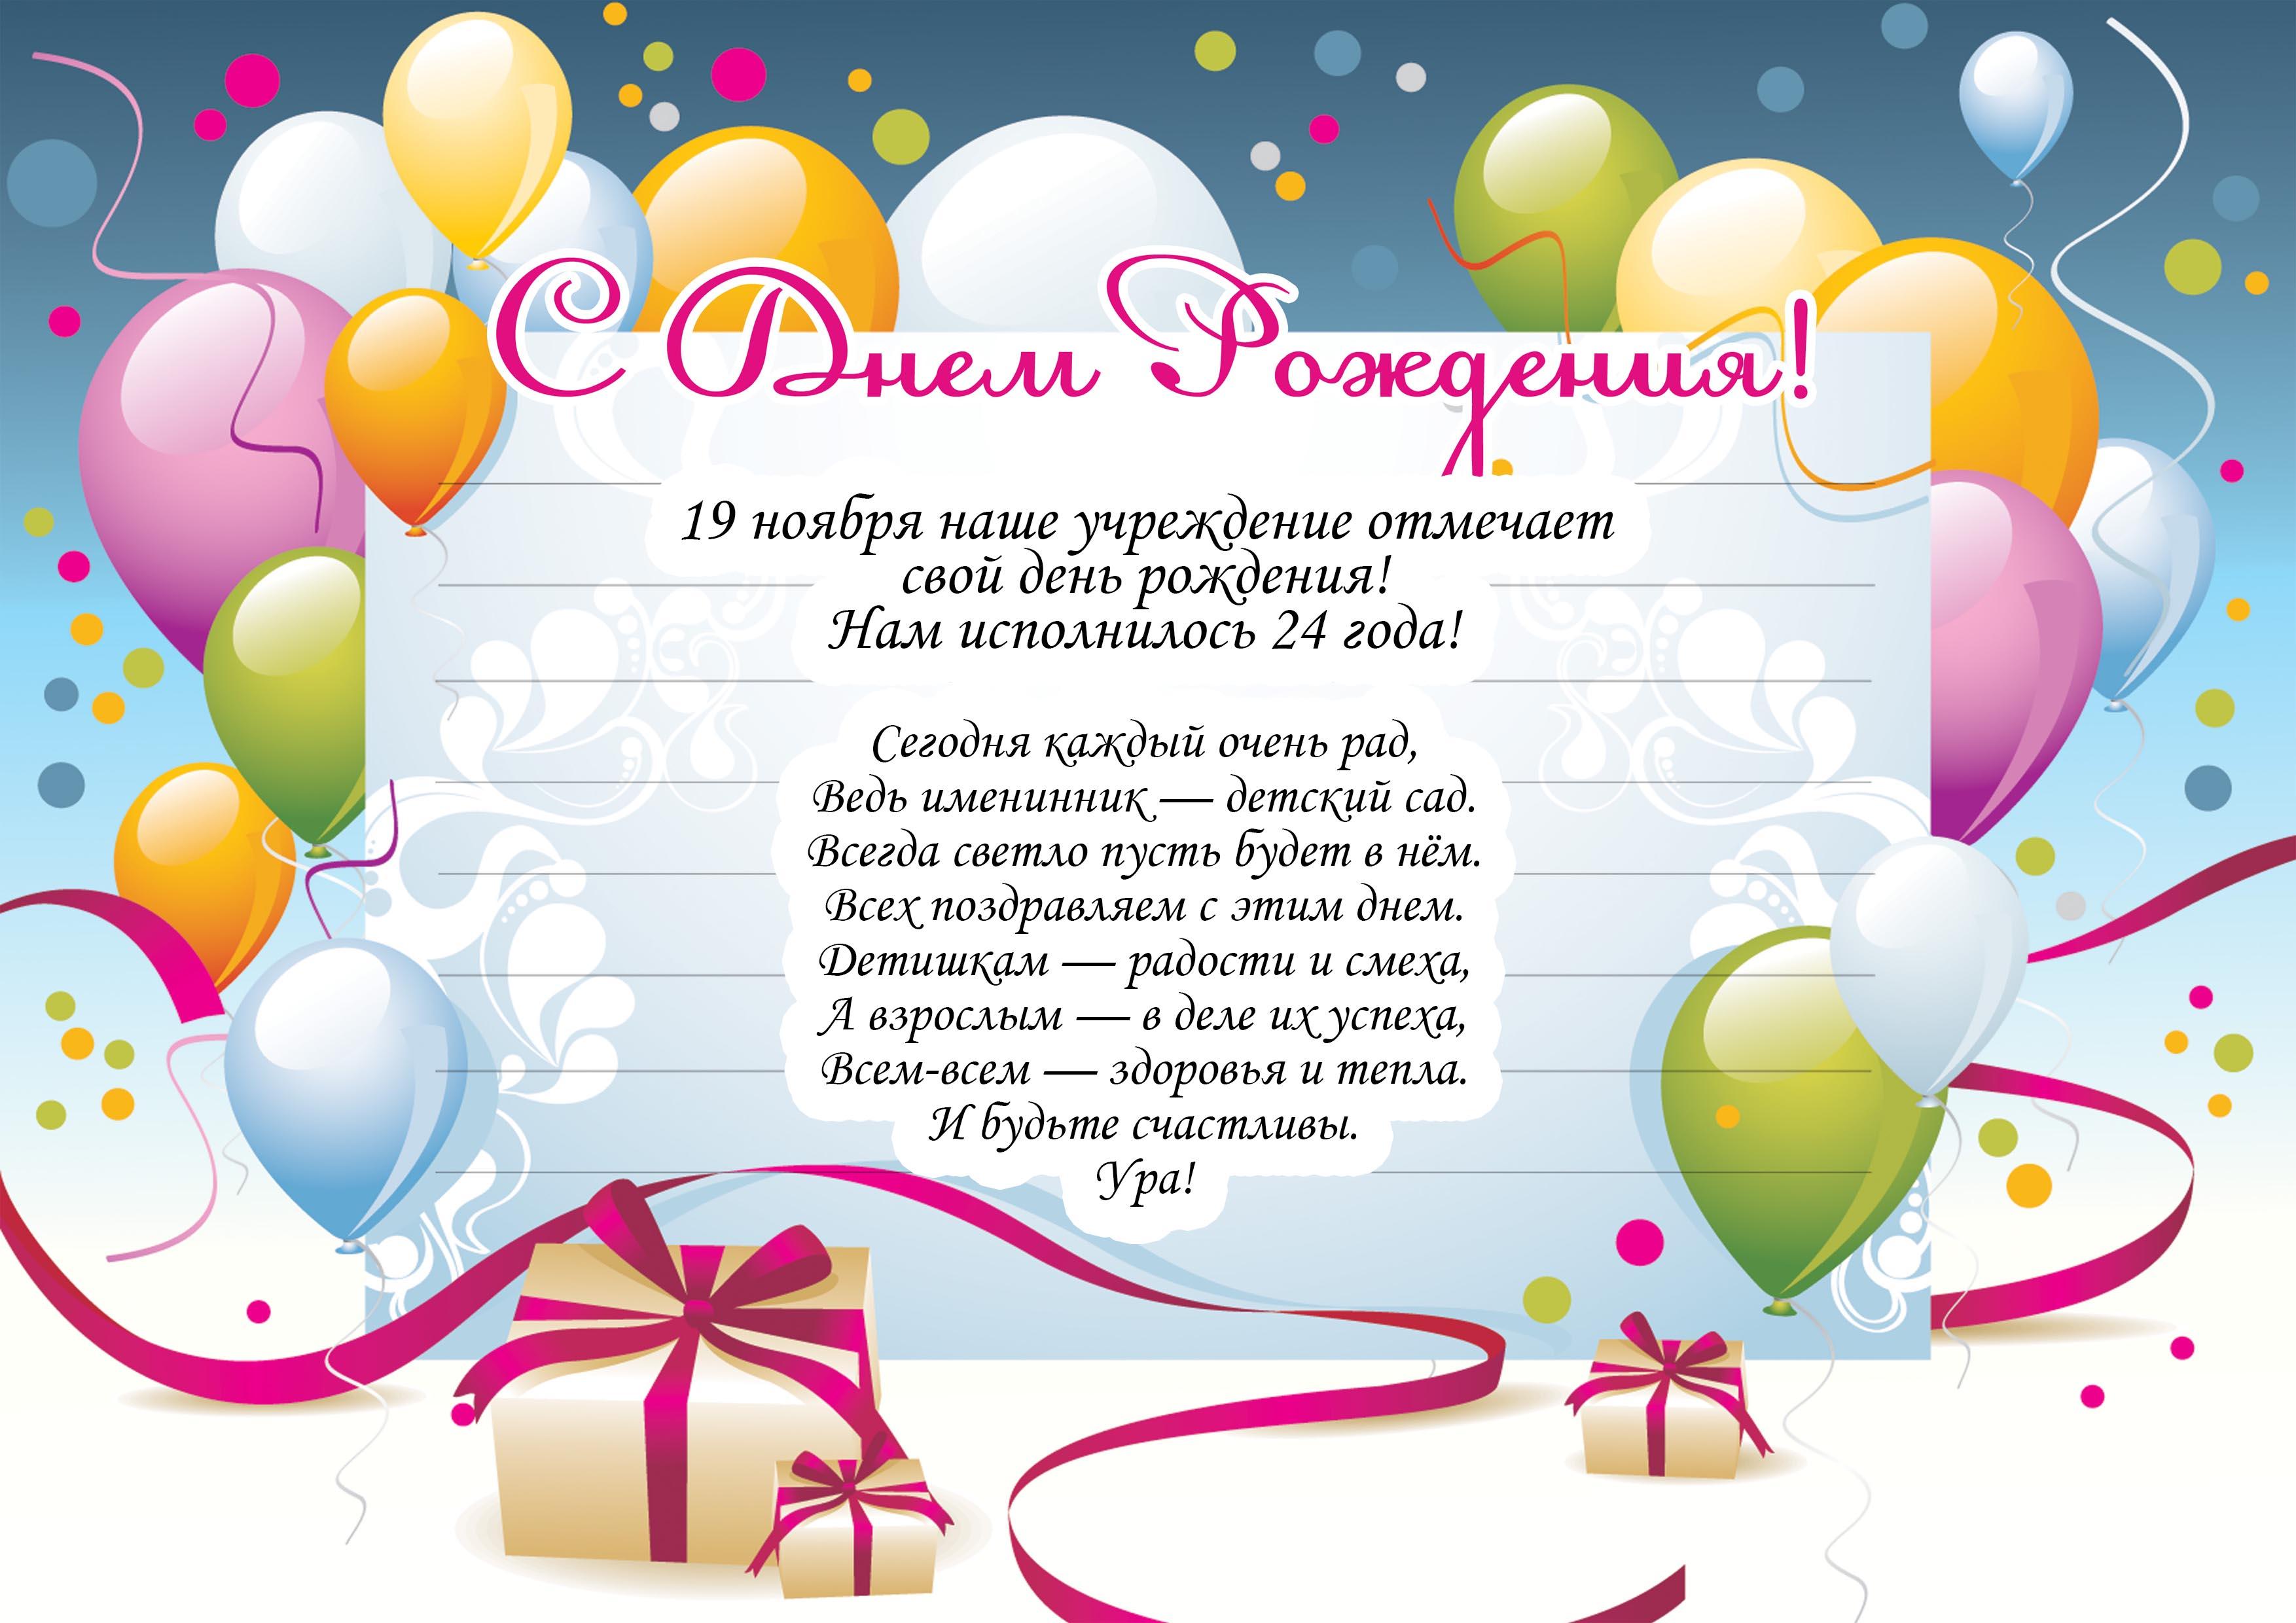 Поздравления с днем офиса - годовщиной, юбилеем